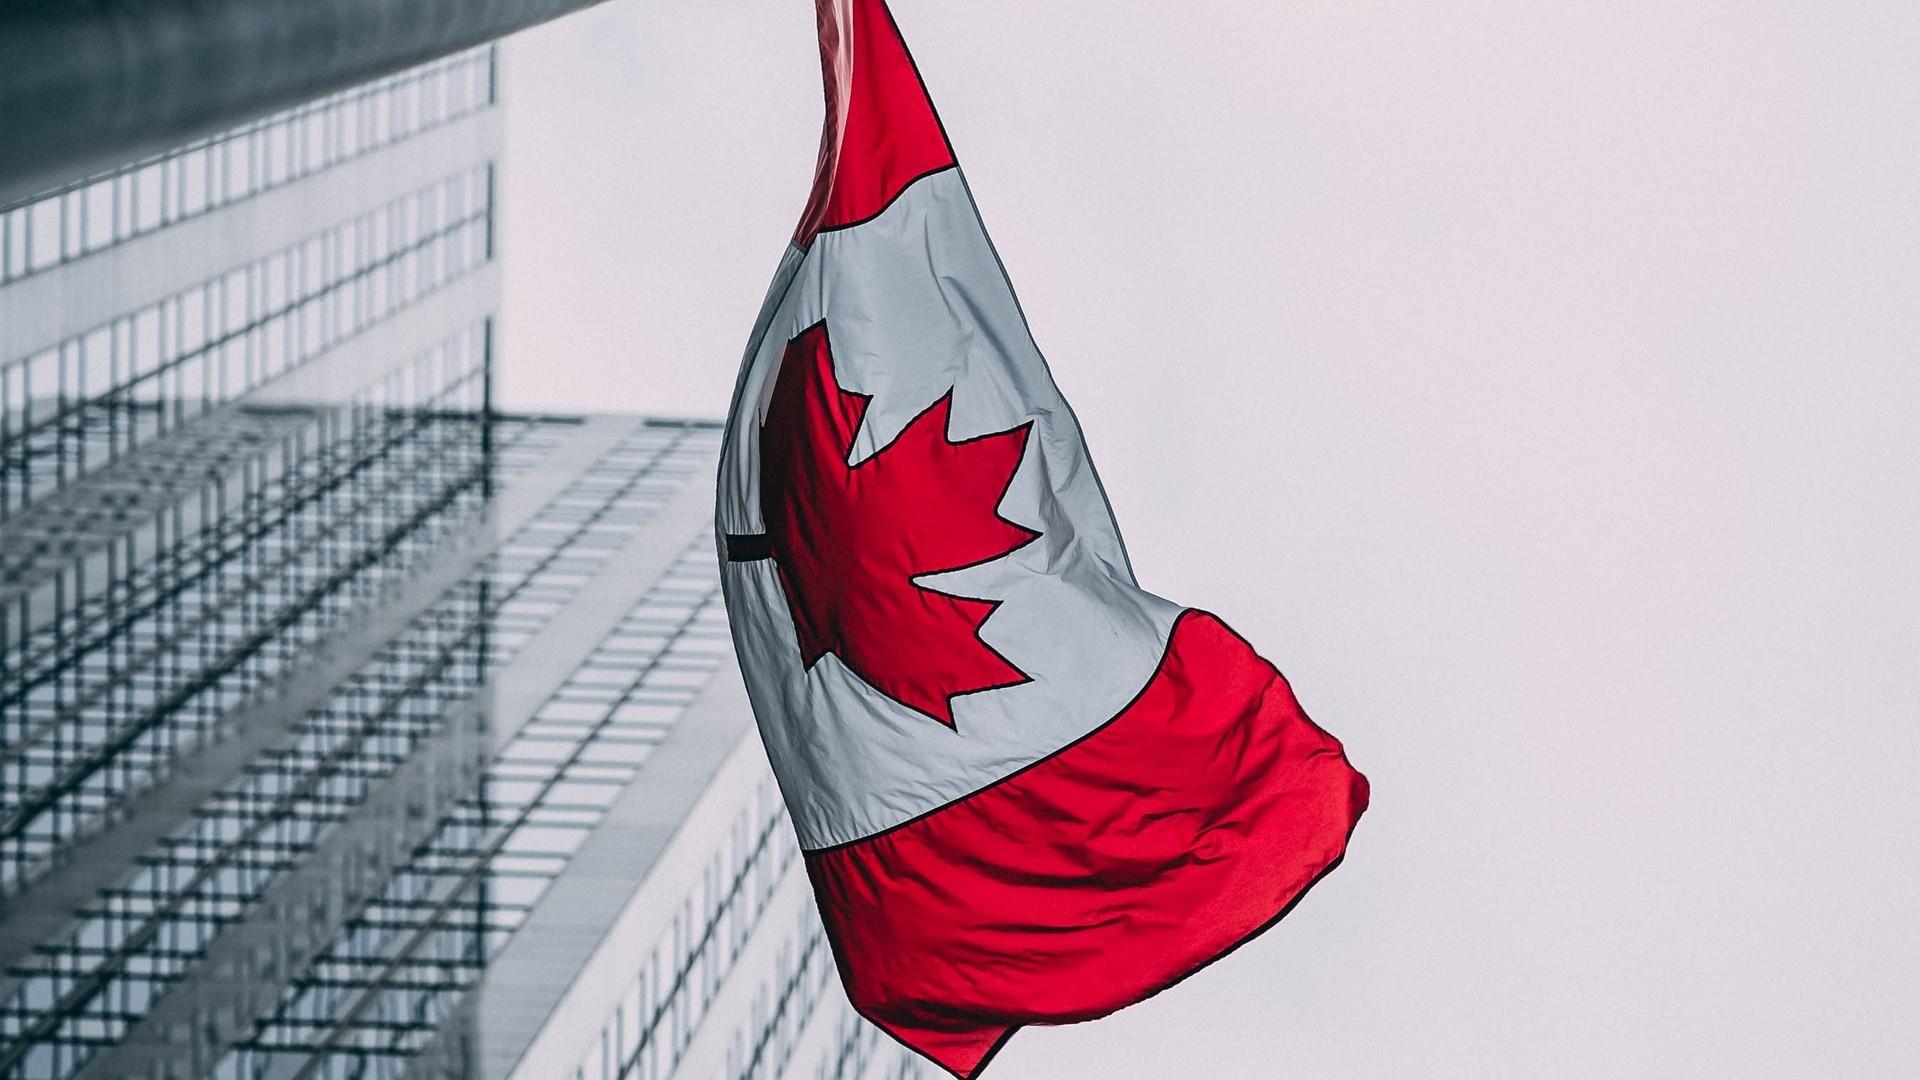 Canada Flag Wallpaper Pic